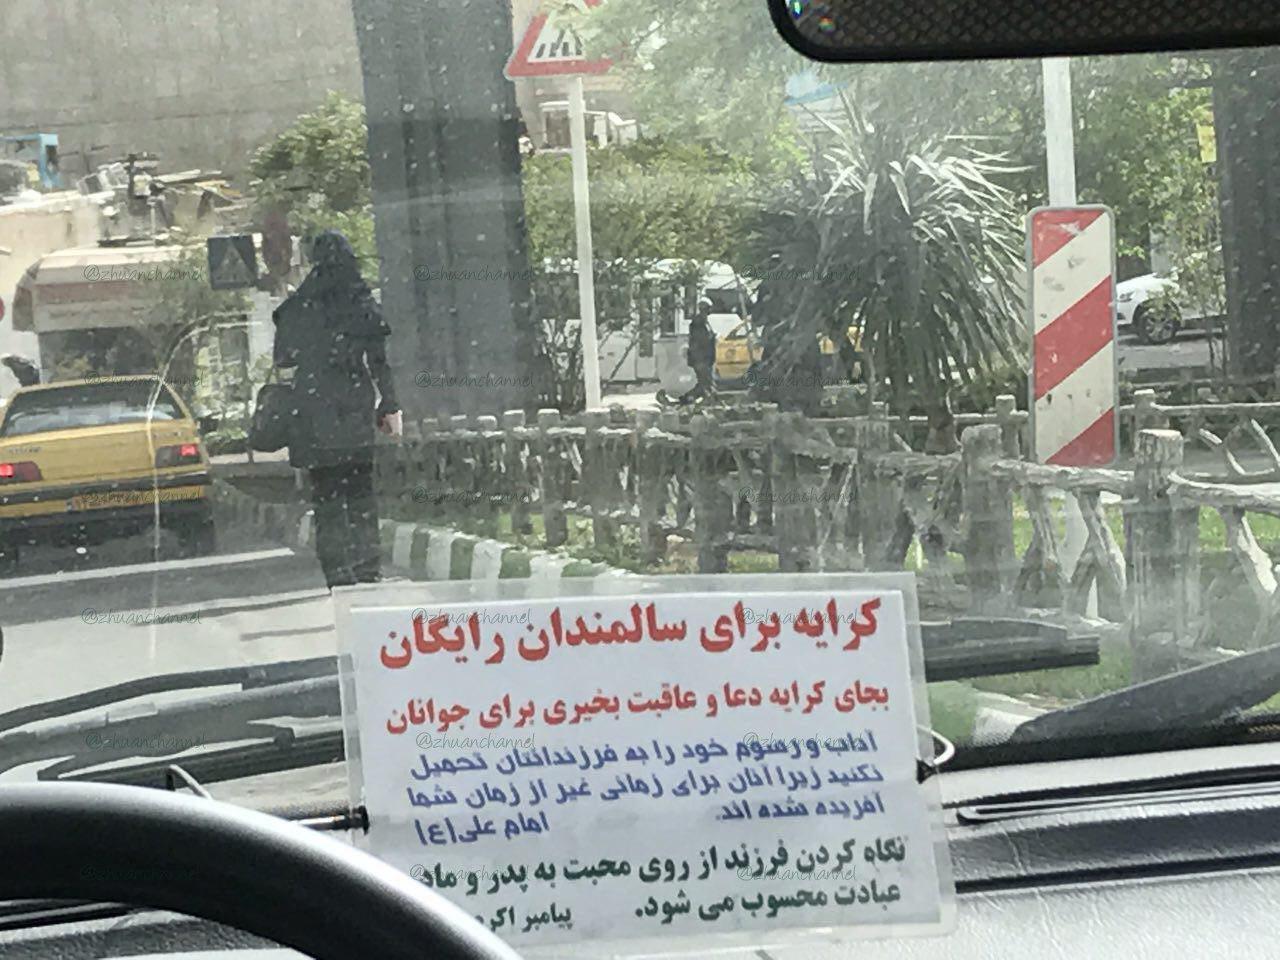 اقدام تحسینبرانگیز یک راننده تاکسی + عکس